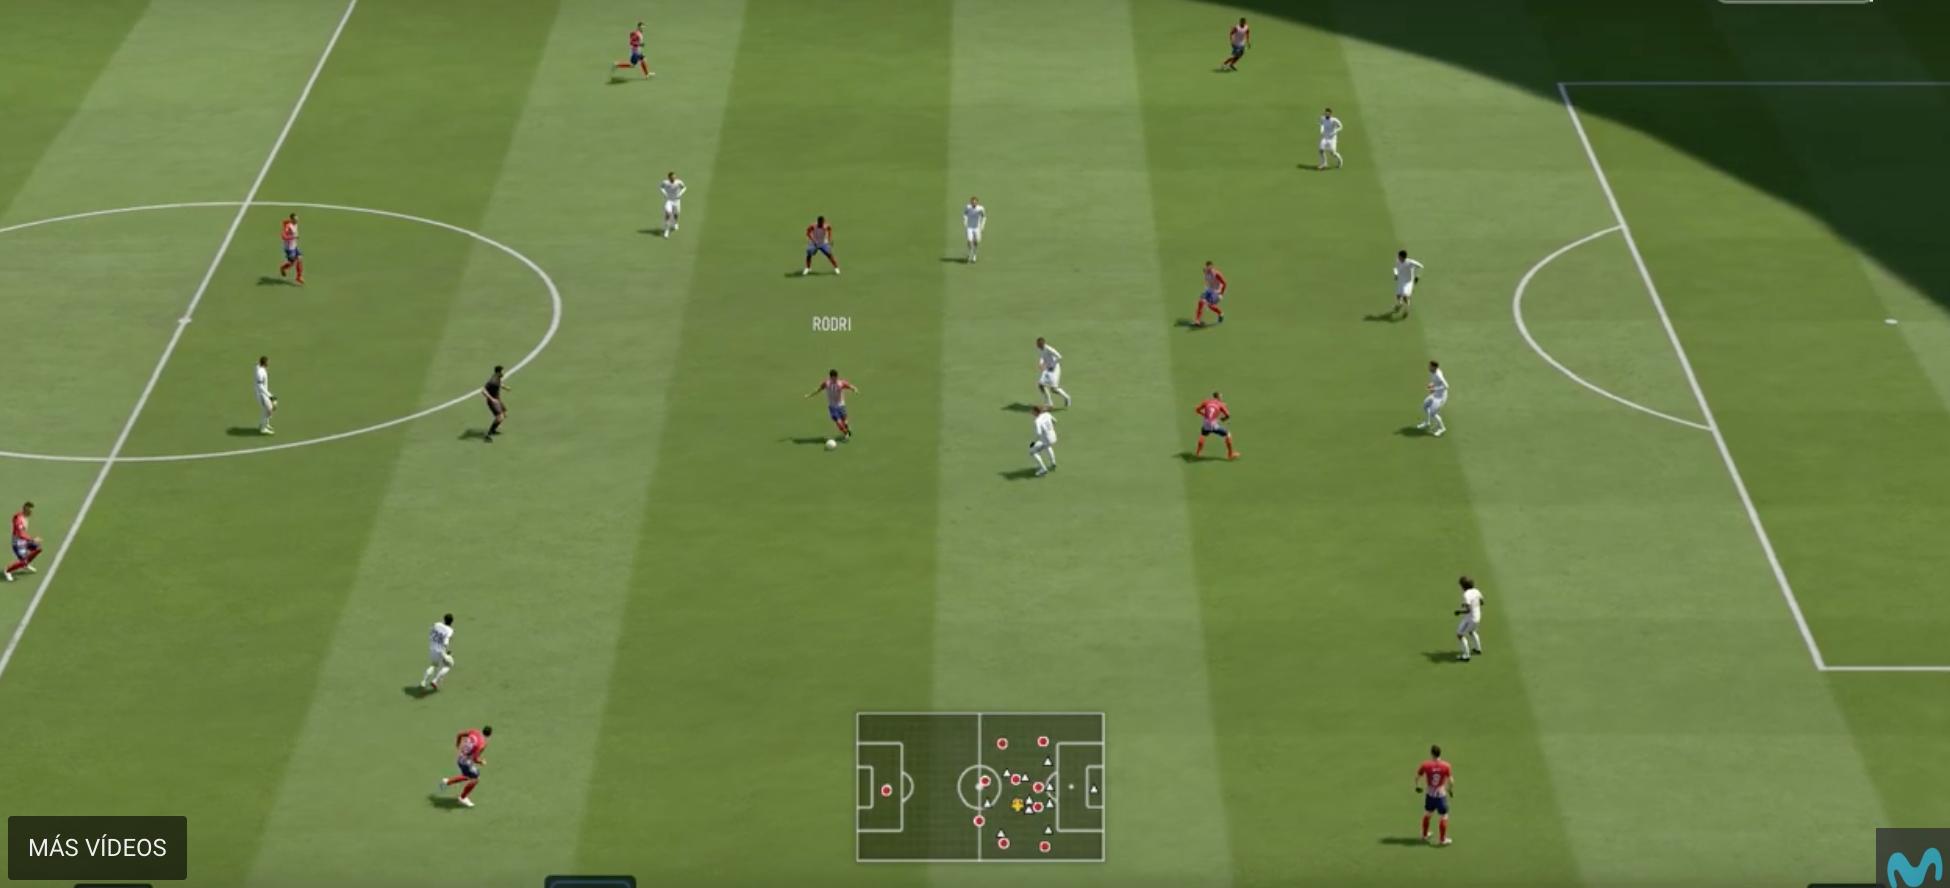 VIDEO: FIFA 19 predice el resultado del Atlético de Madrid-Real Madrid 1